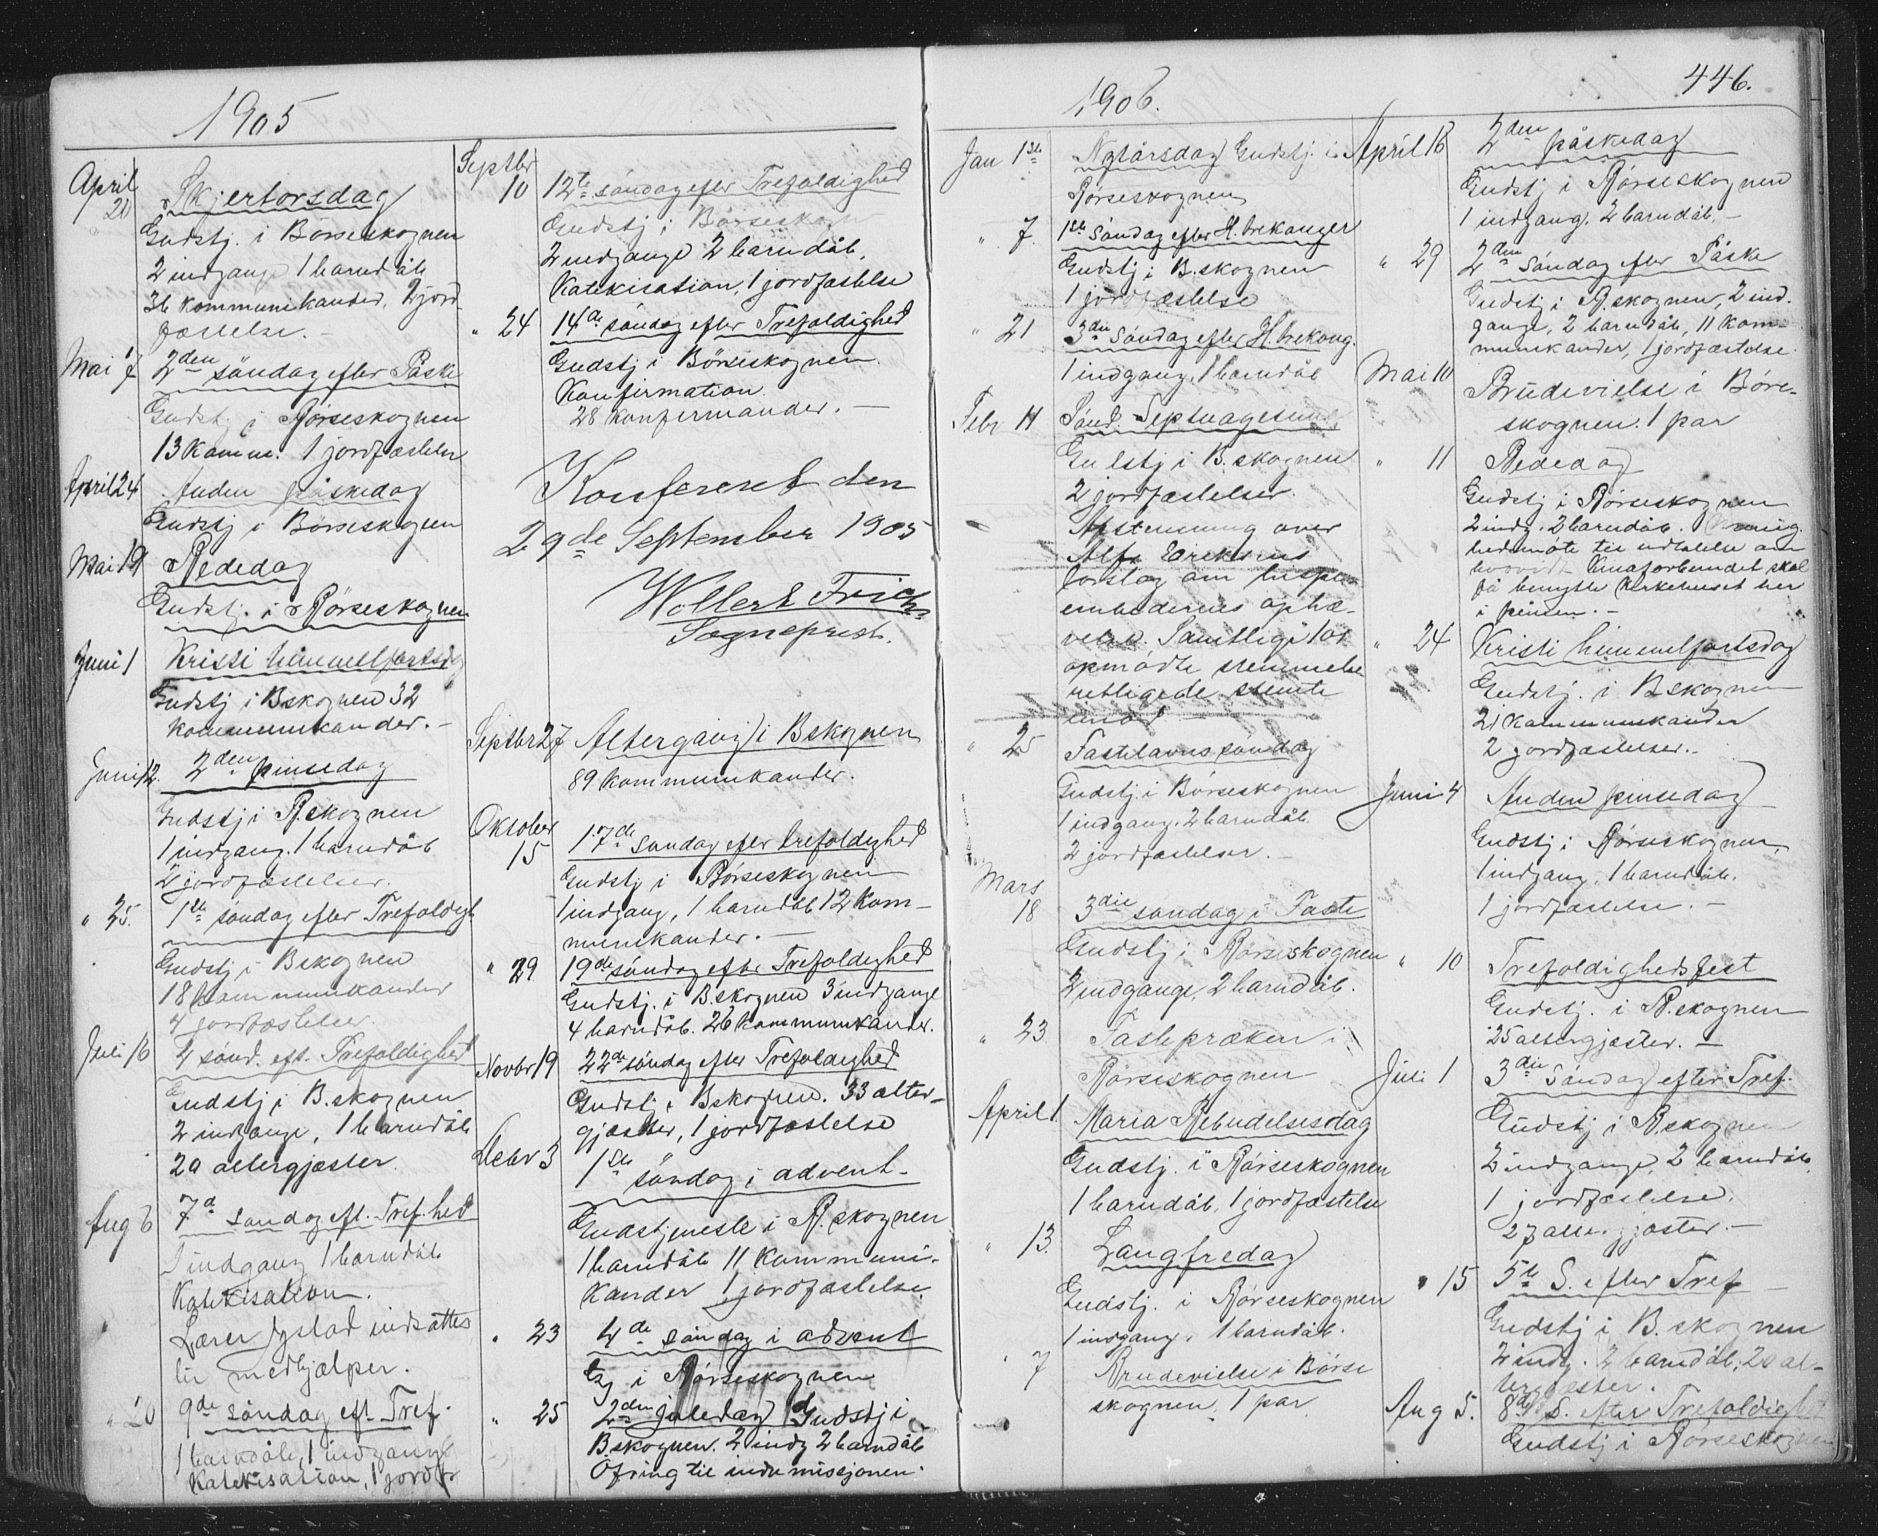 SAT, Ministerialprotokoller, klokkerbøker og fødselsregistre - Sør-Trøndelag, 667/L0798: Klokkerbok nr. 667C03, 1867-1929, s. 446